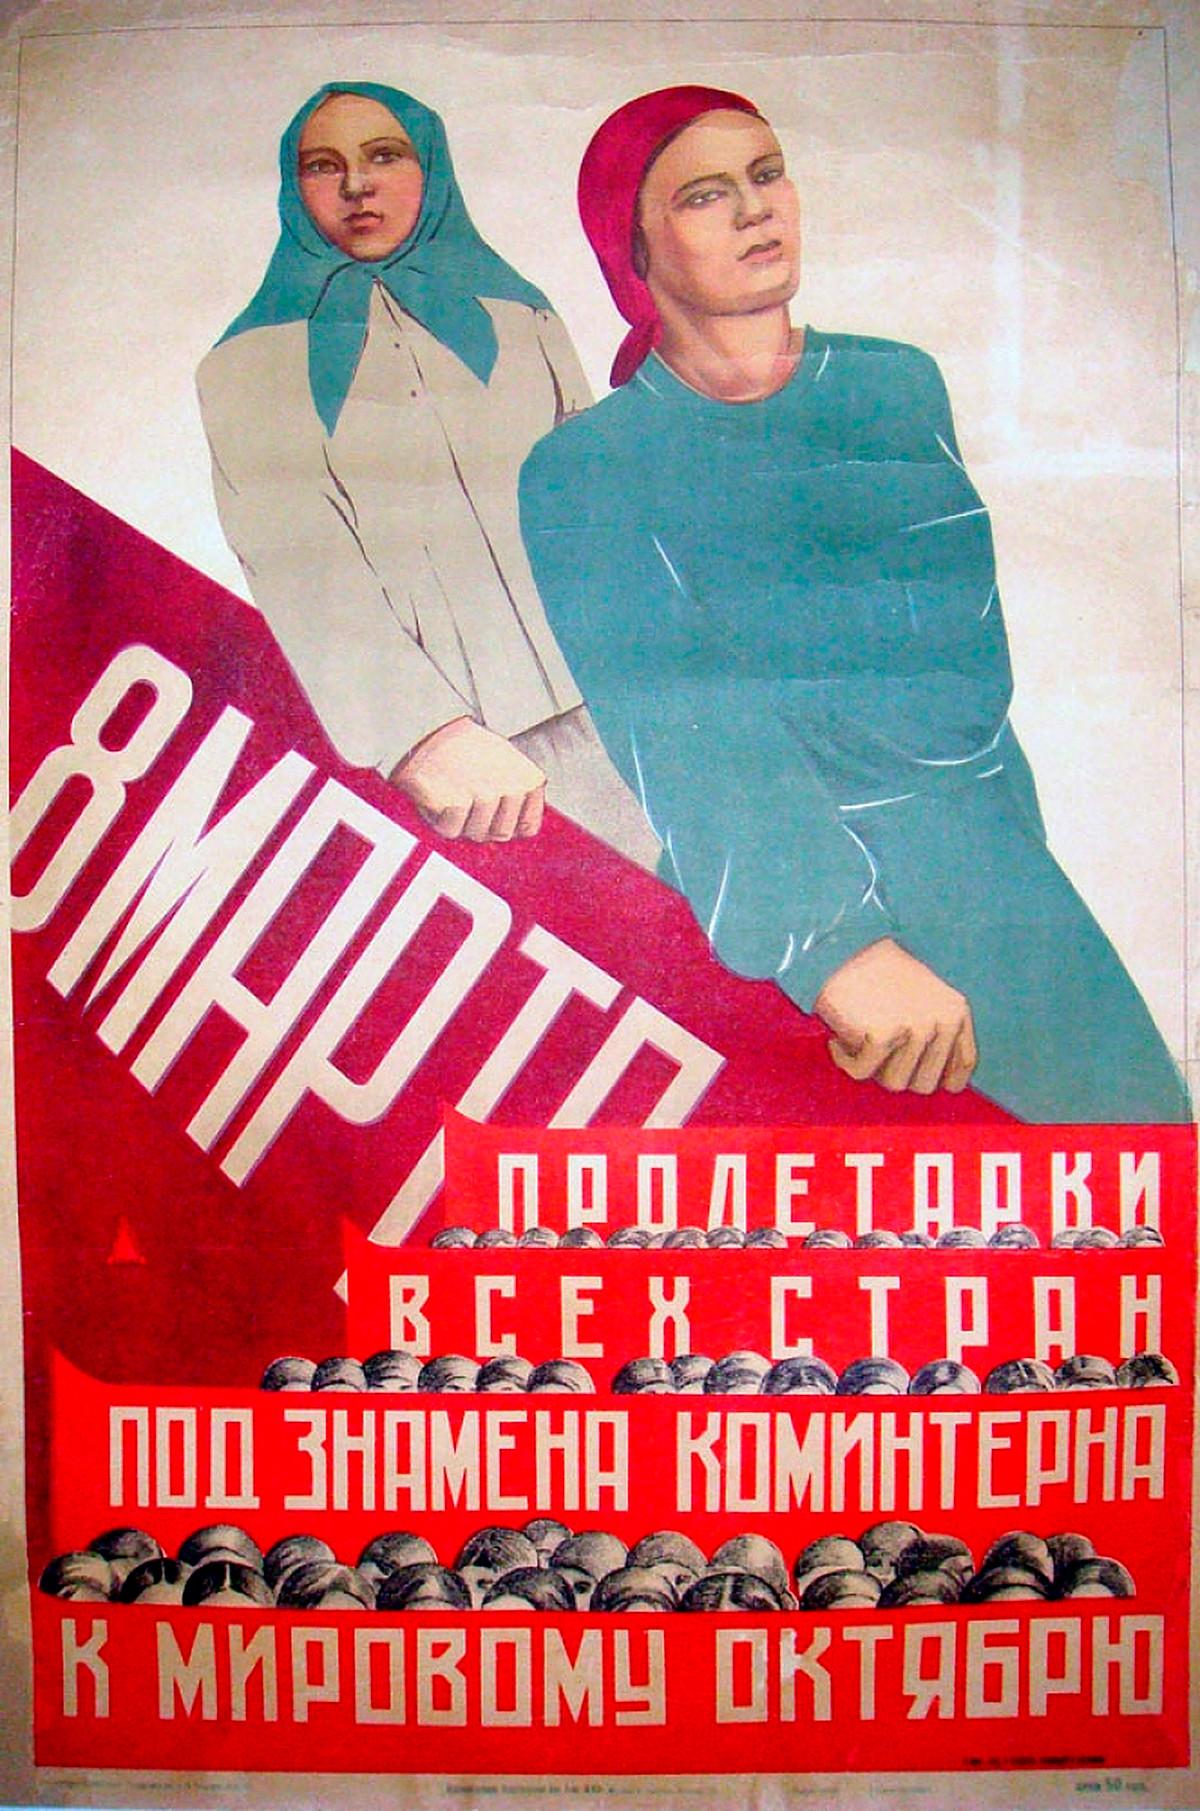 """""""Der 8. März. Proletarierinnen aller Länder, versammelt euch unter den Fahnen der Komintern zur weltweiten Oktoberrevolution!"""""""